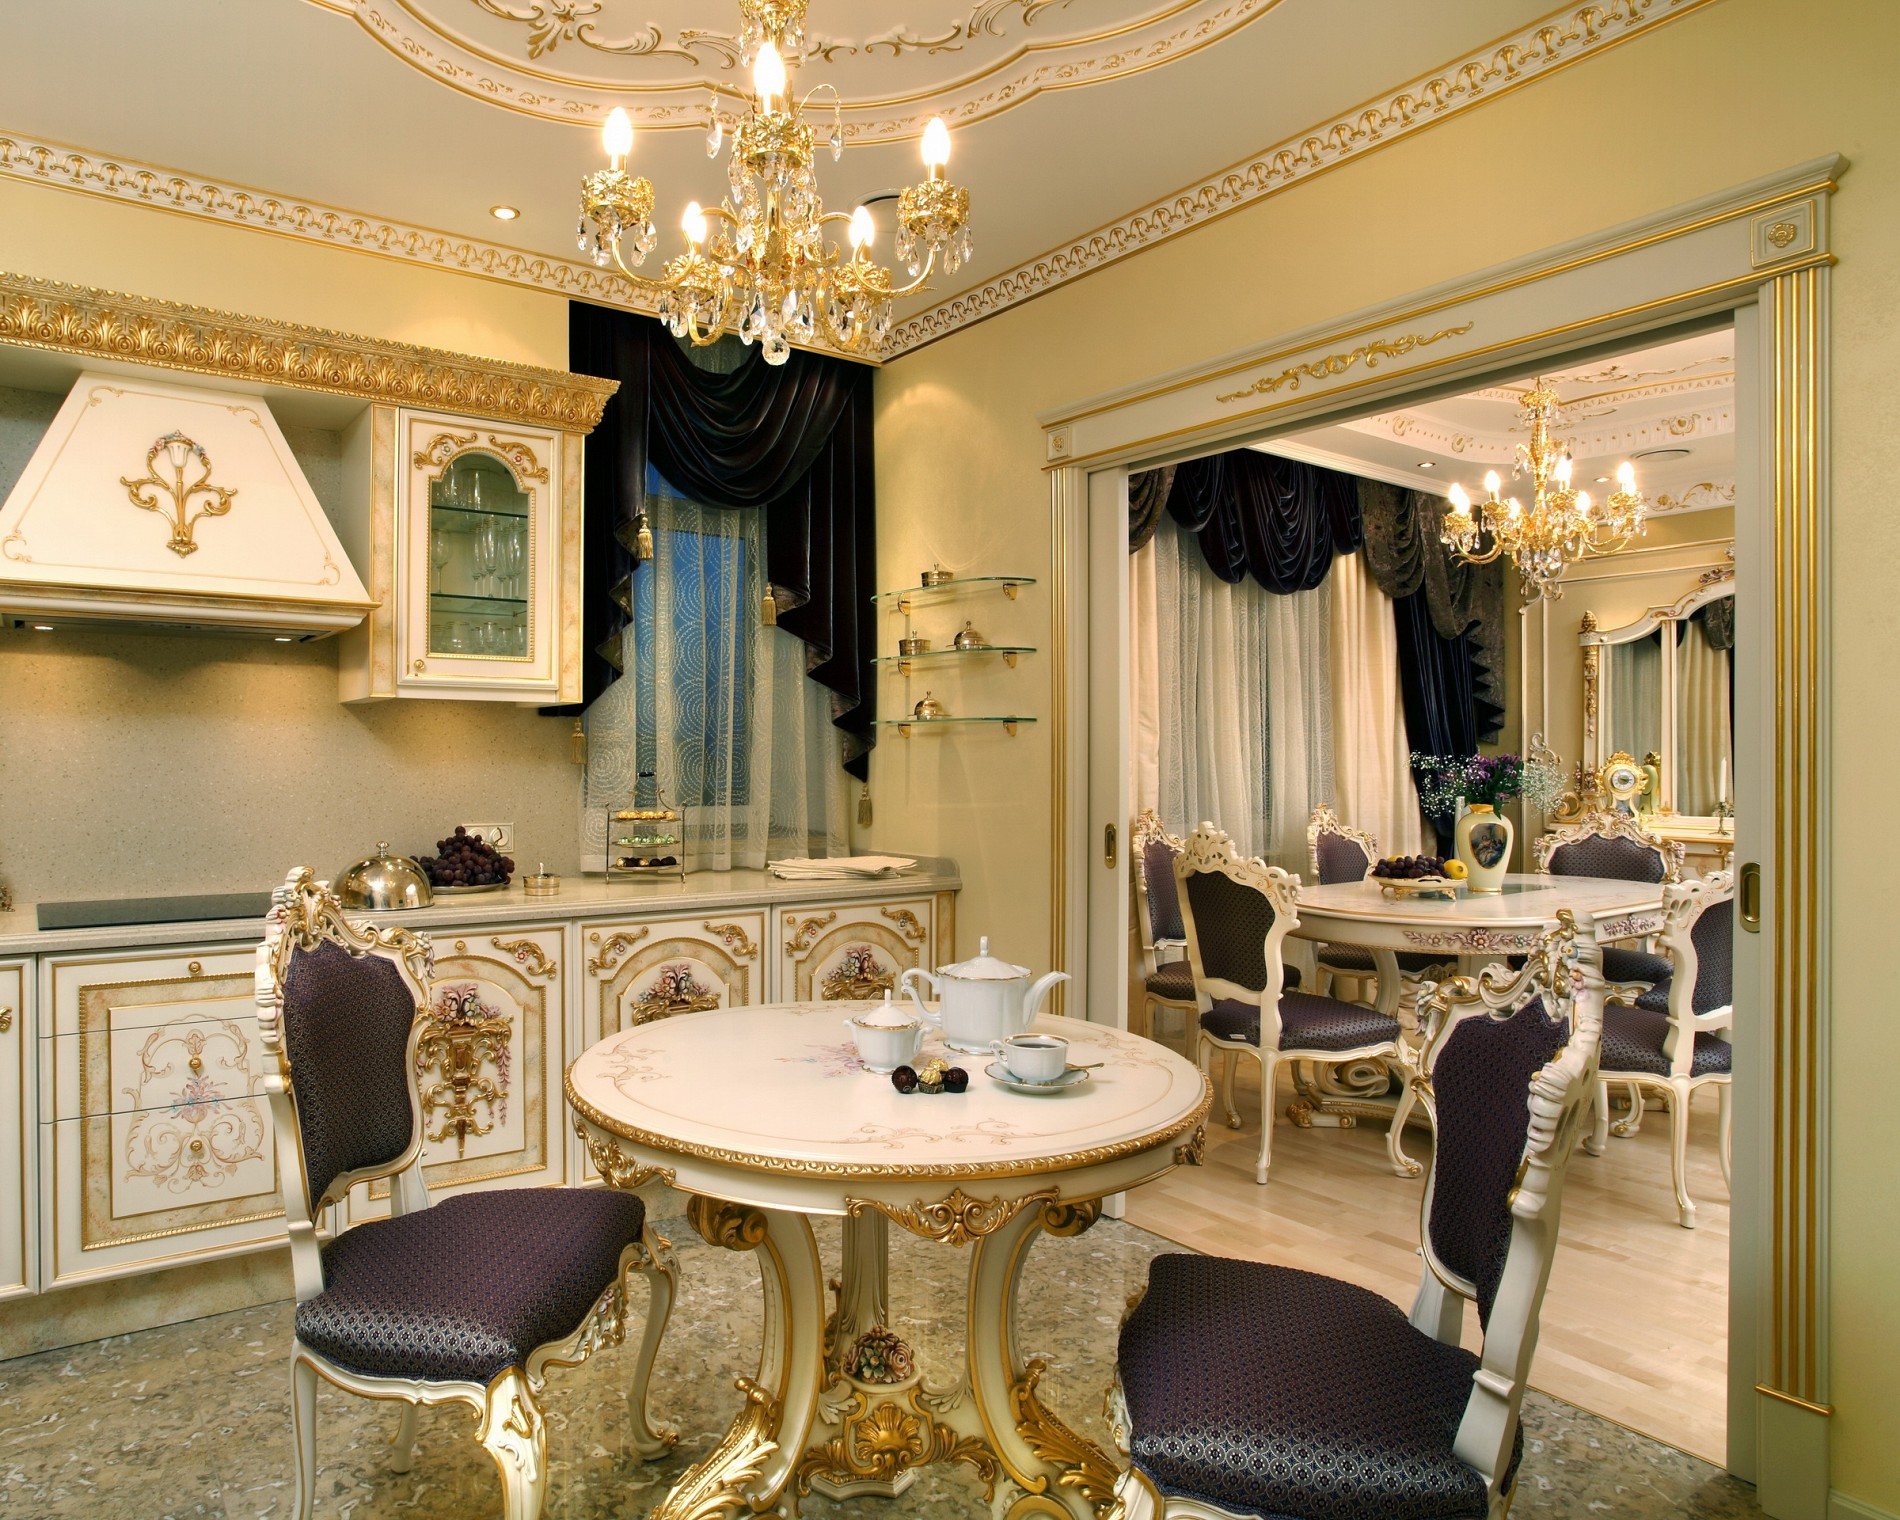 жк каскад интерьер квартиры в классическом стиле